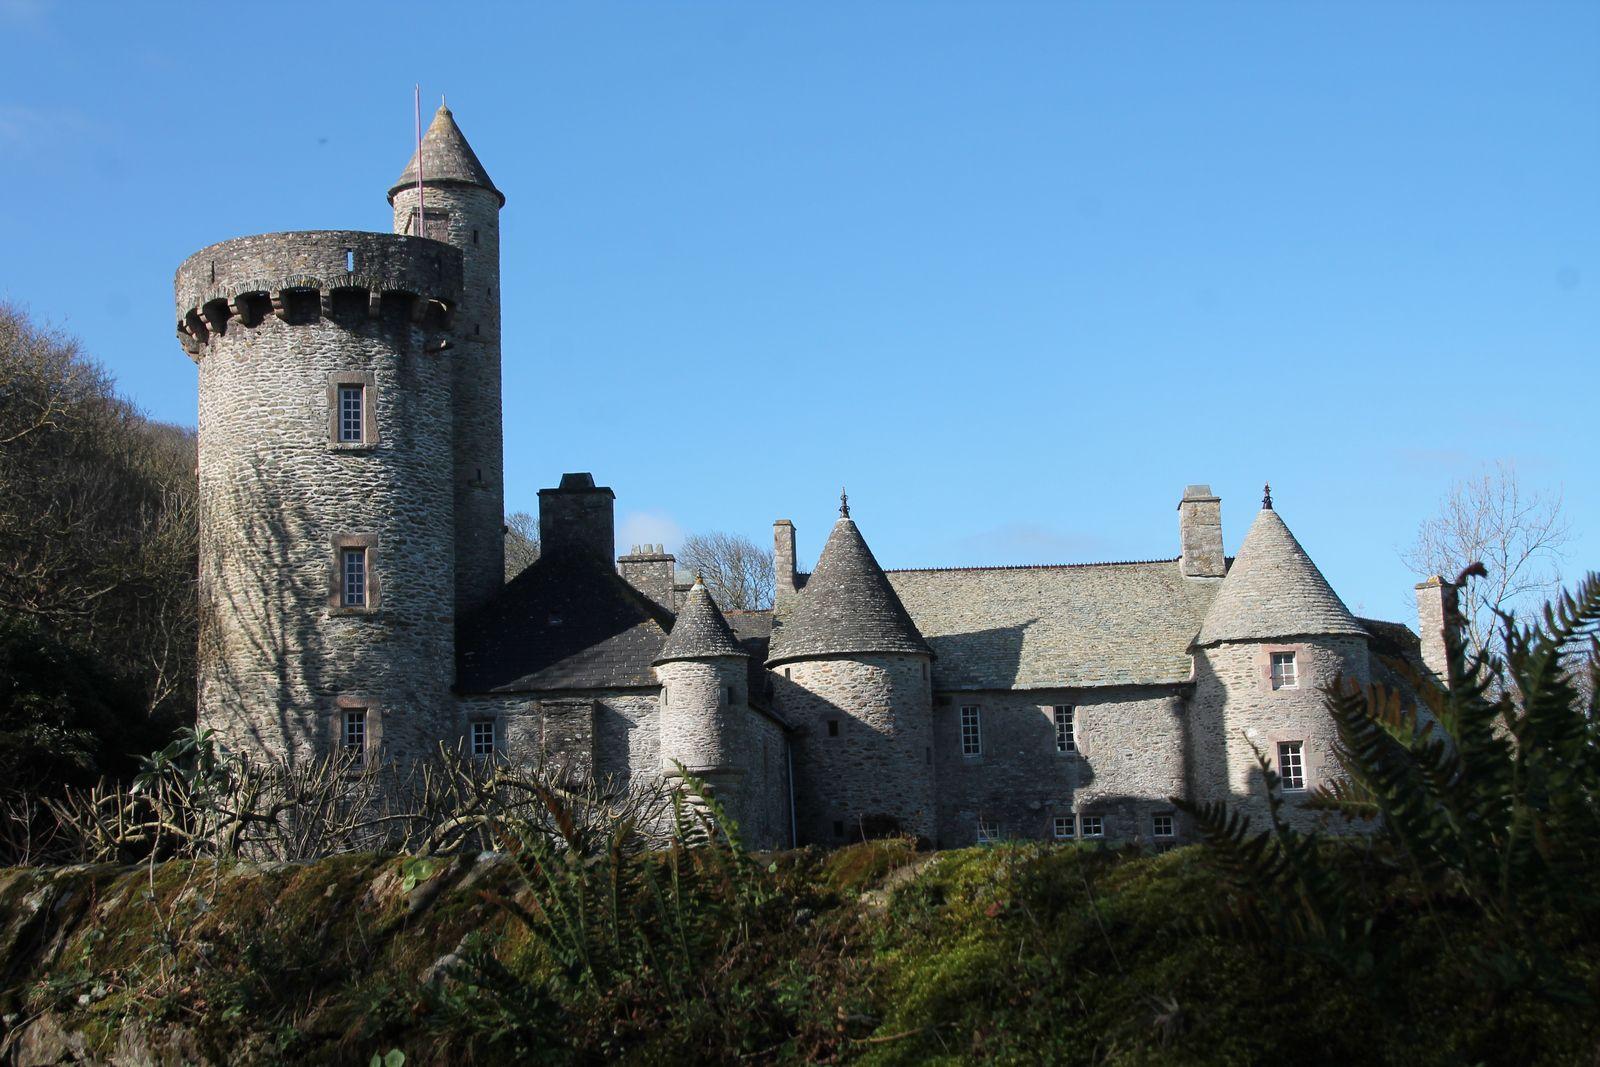 Sauté de porc à la normande - balade normande en Cotentin, le manoir Dur Ecu